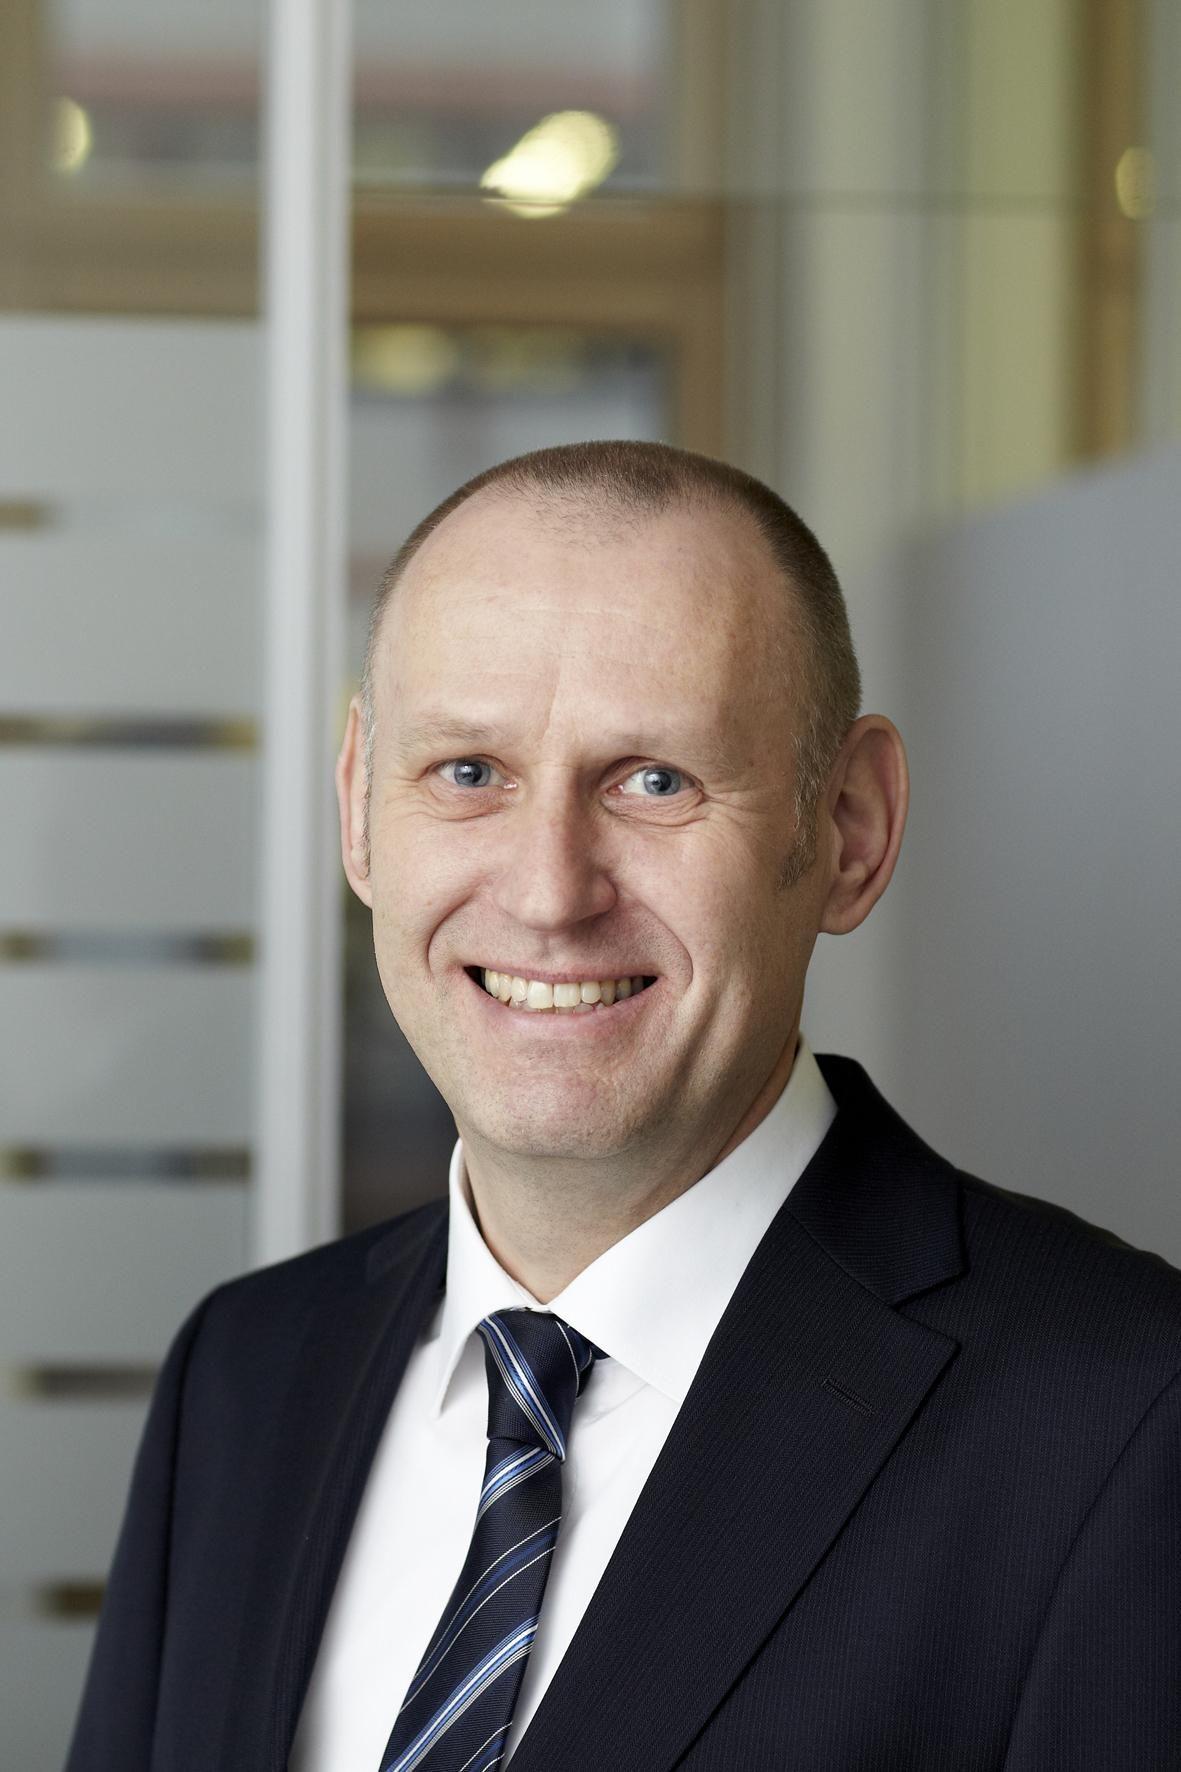 PersonalexperteWilfried Köning